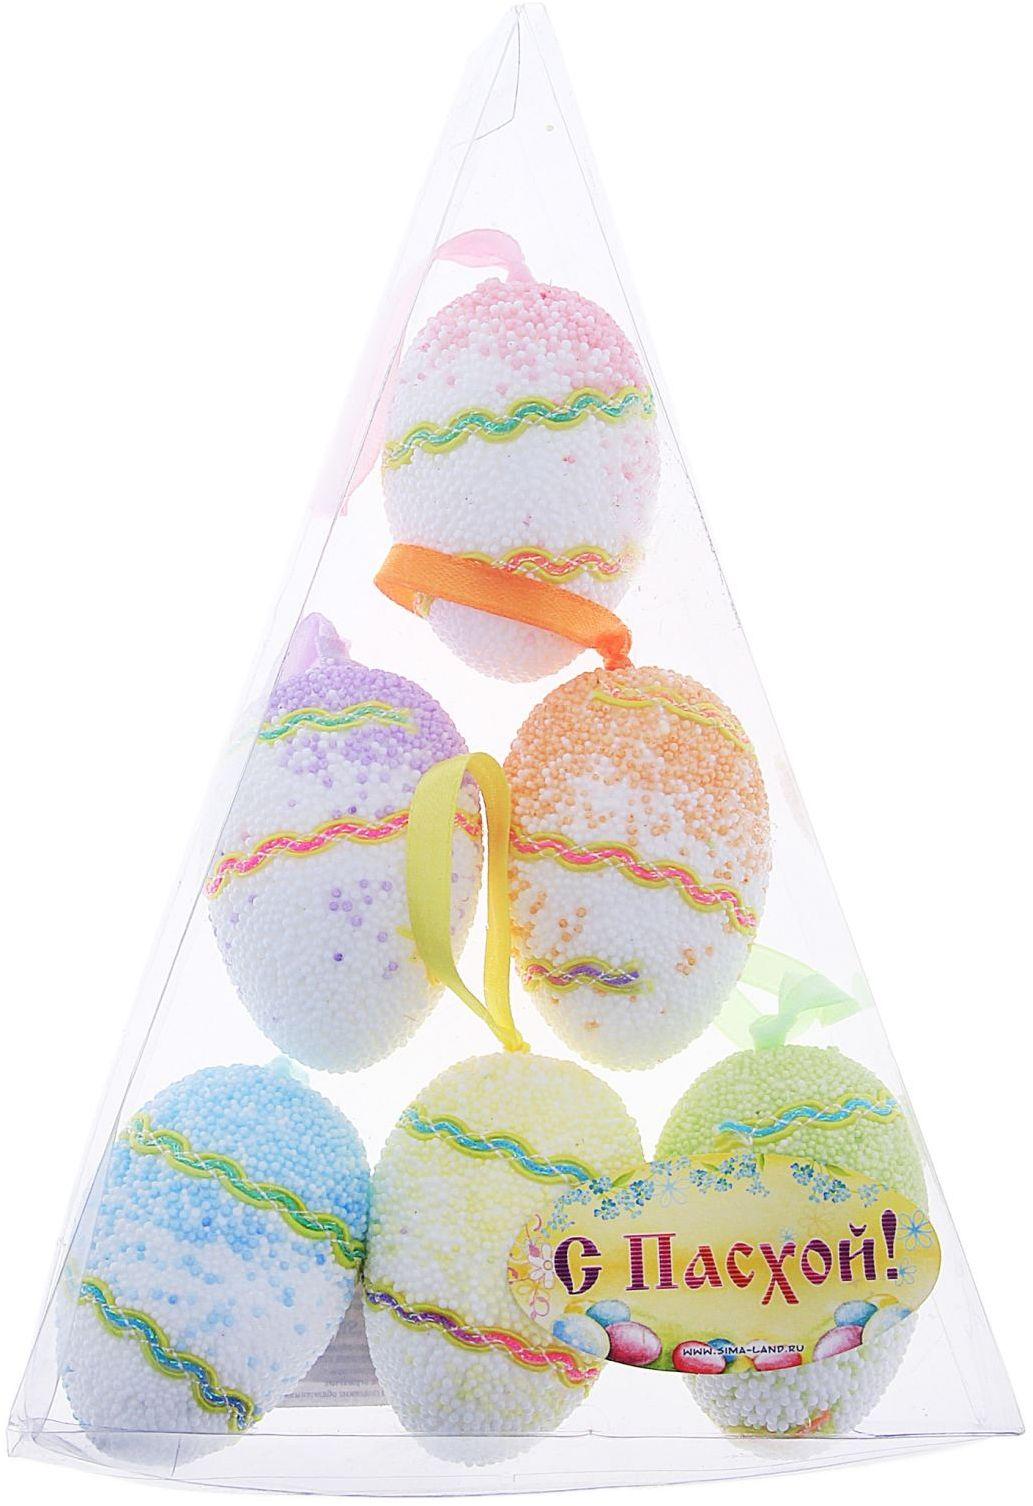 Сувенир пасхальный Sima-land Яйцо. Ассорти, 4 х 4 х 6 см, 6 шт870189Сувенир - пасхальное яйцо Ассорти (набор 6 шт) - символ жизни и возрождения. Вариантов применения такого милого сувенира множество. Во-первых, он послужит прекрасным подарком гостям, коллегам или друзьям. Всю праздничную неделю вы можете обмениваться подарочками.Во-вторых, с помощью такого сувенира вы сможете сами заняться сервировкой праздничного стола, положив его каждому гостю на тарелку, на красивую салфетку, выгодно подобрав цвета.